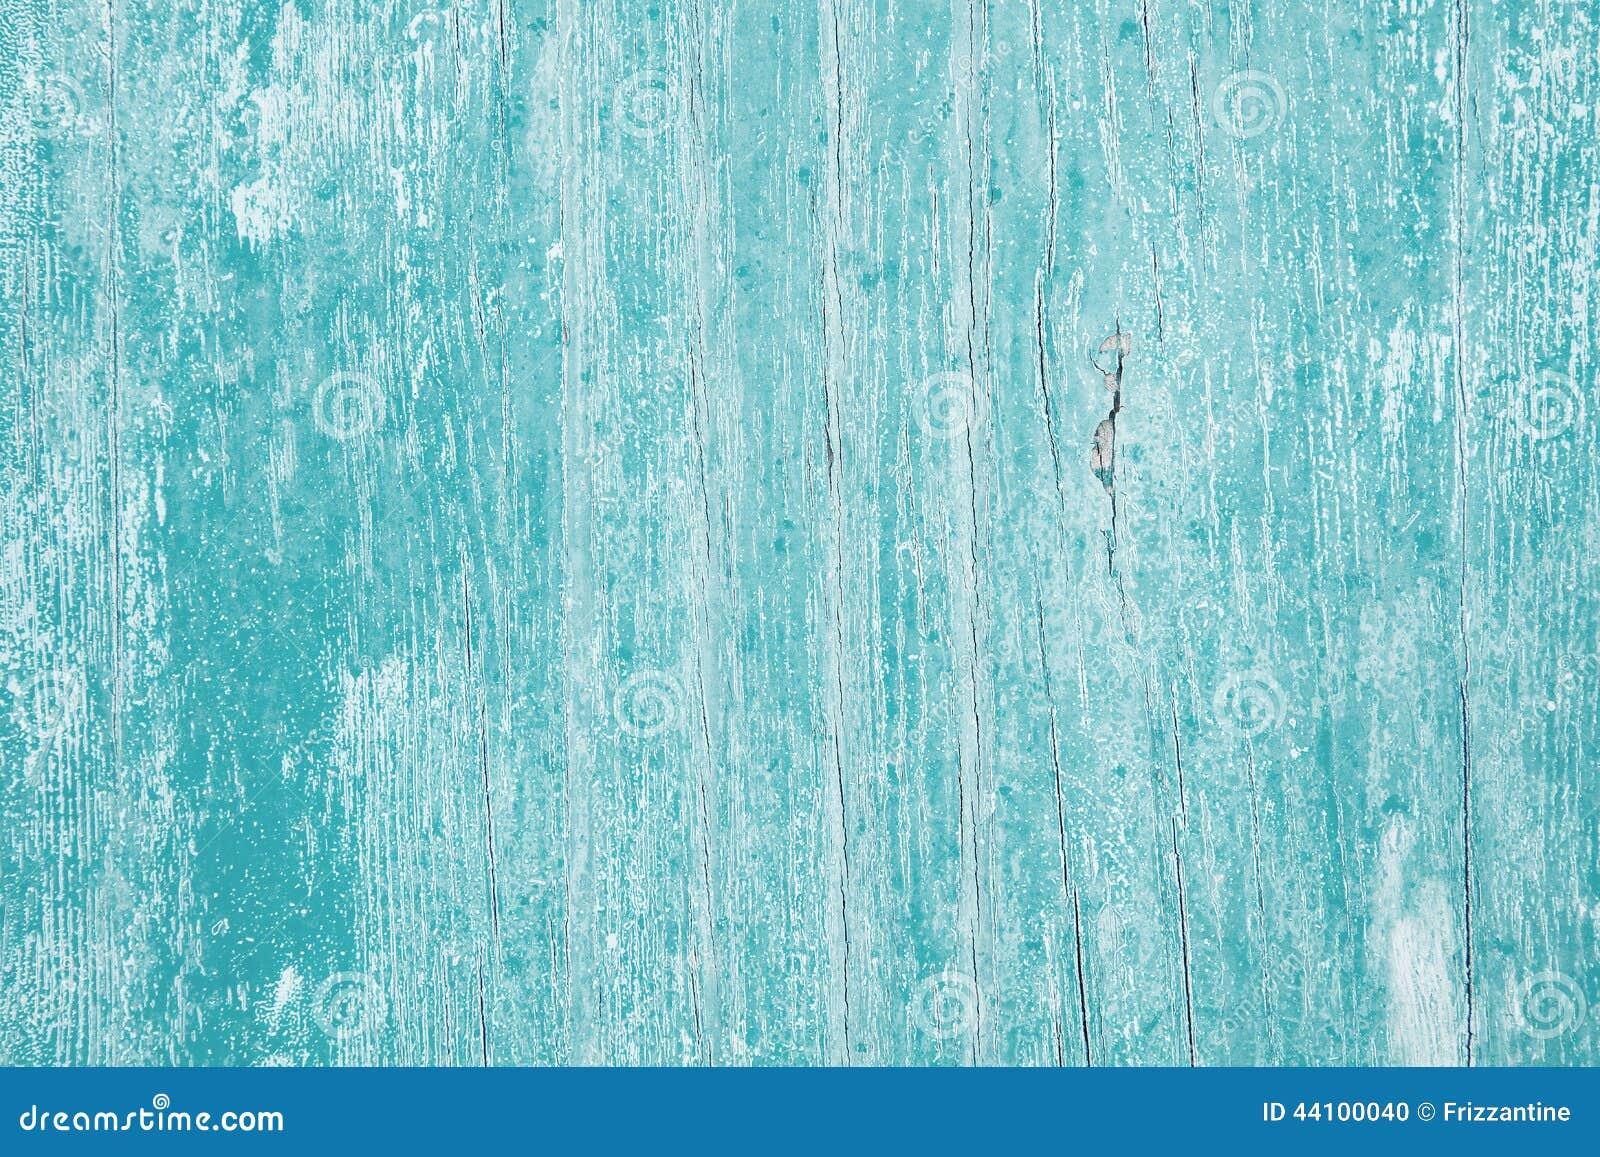 vieux fond peint en bois dans la couleur de turquoise photo stock image 44100040. Black Bedroom Furniture Sets. Home Design Ideas